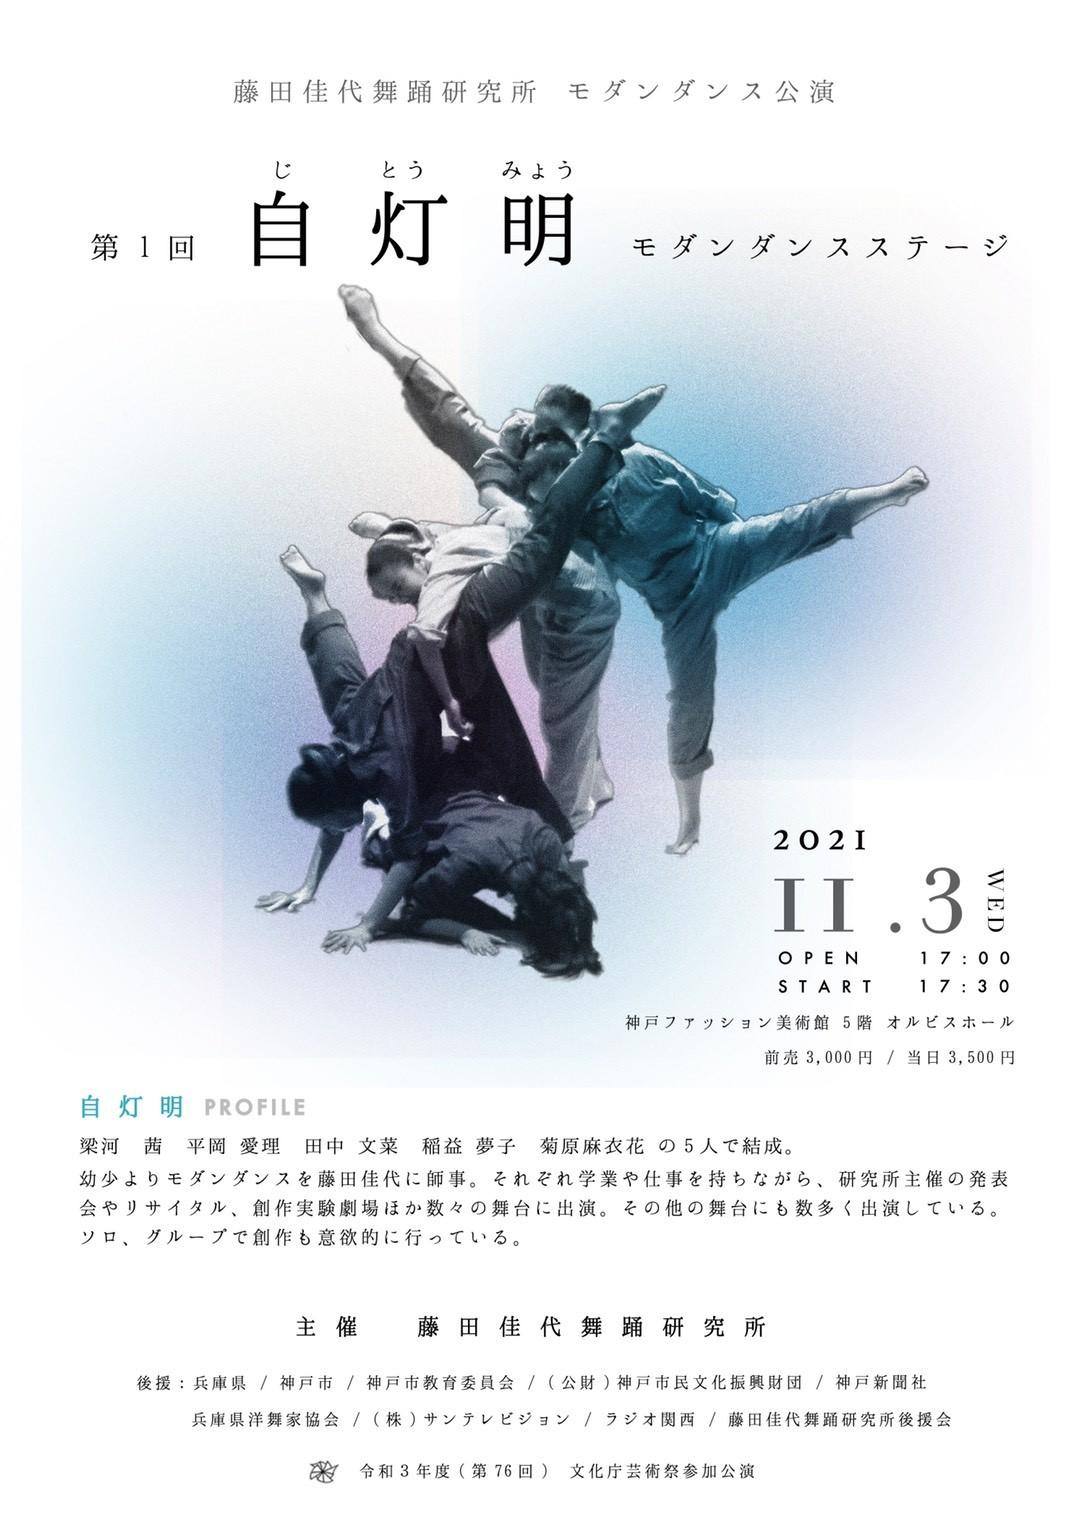 【オルビスホール情報】11/3(水・祝) 「第1回 自灯明 モダンダンスステージ」開催!